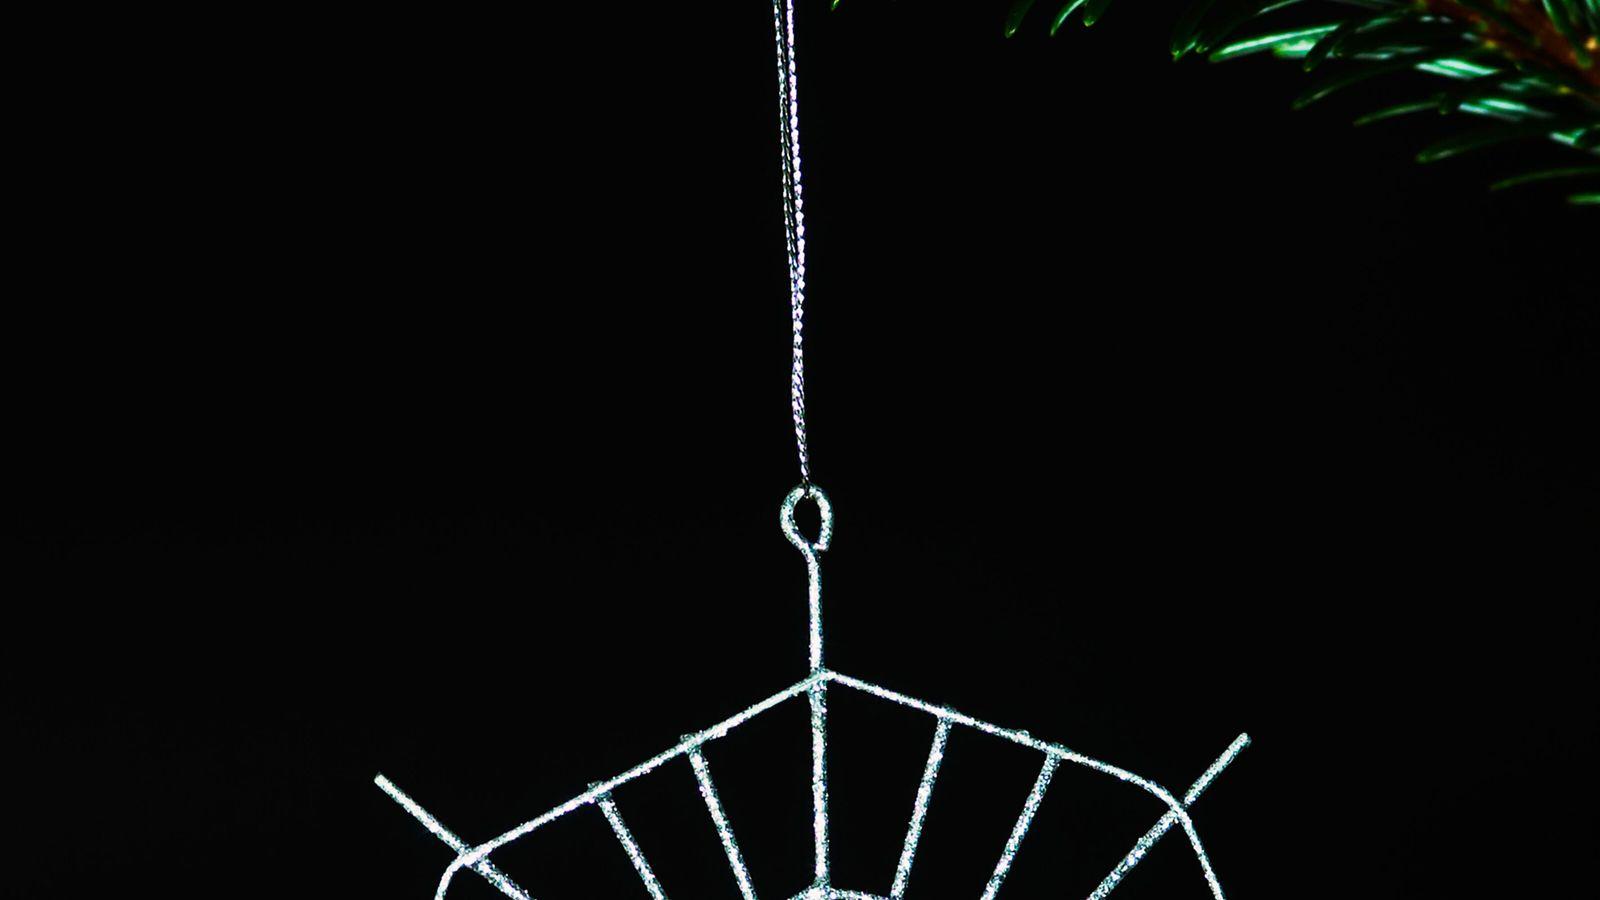 A história da aranha de Natal, contada na Ucrânia, é um conto popular sobre um aracnídeo ...